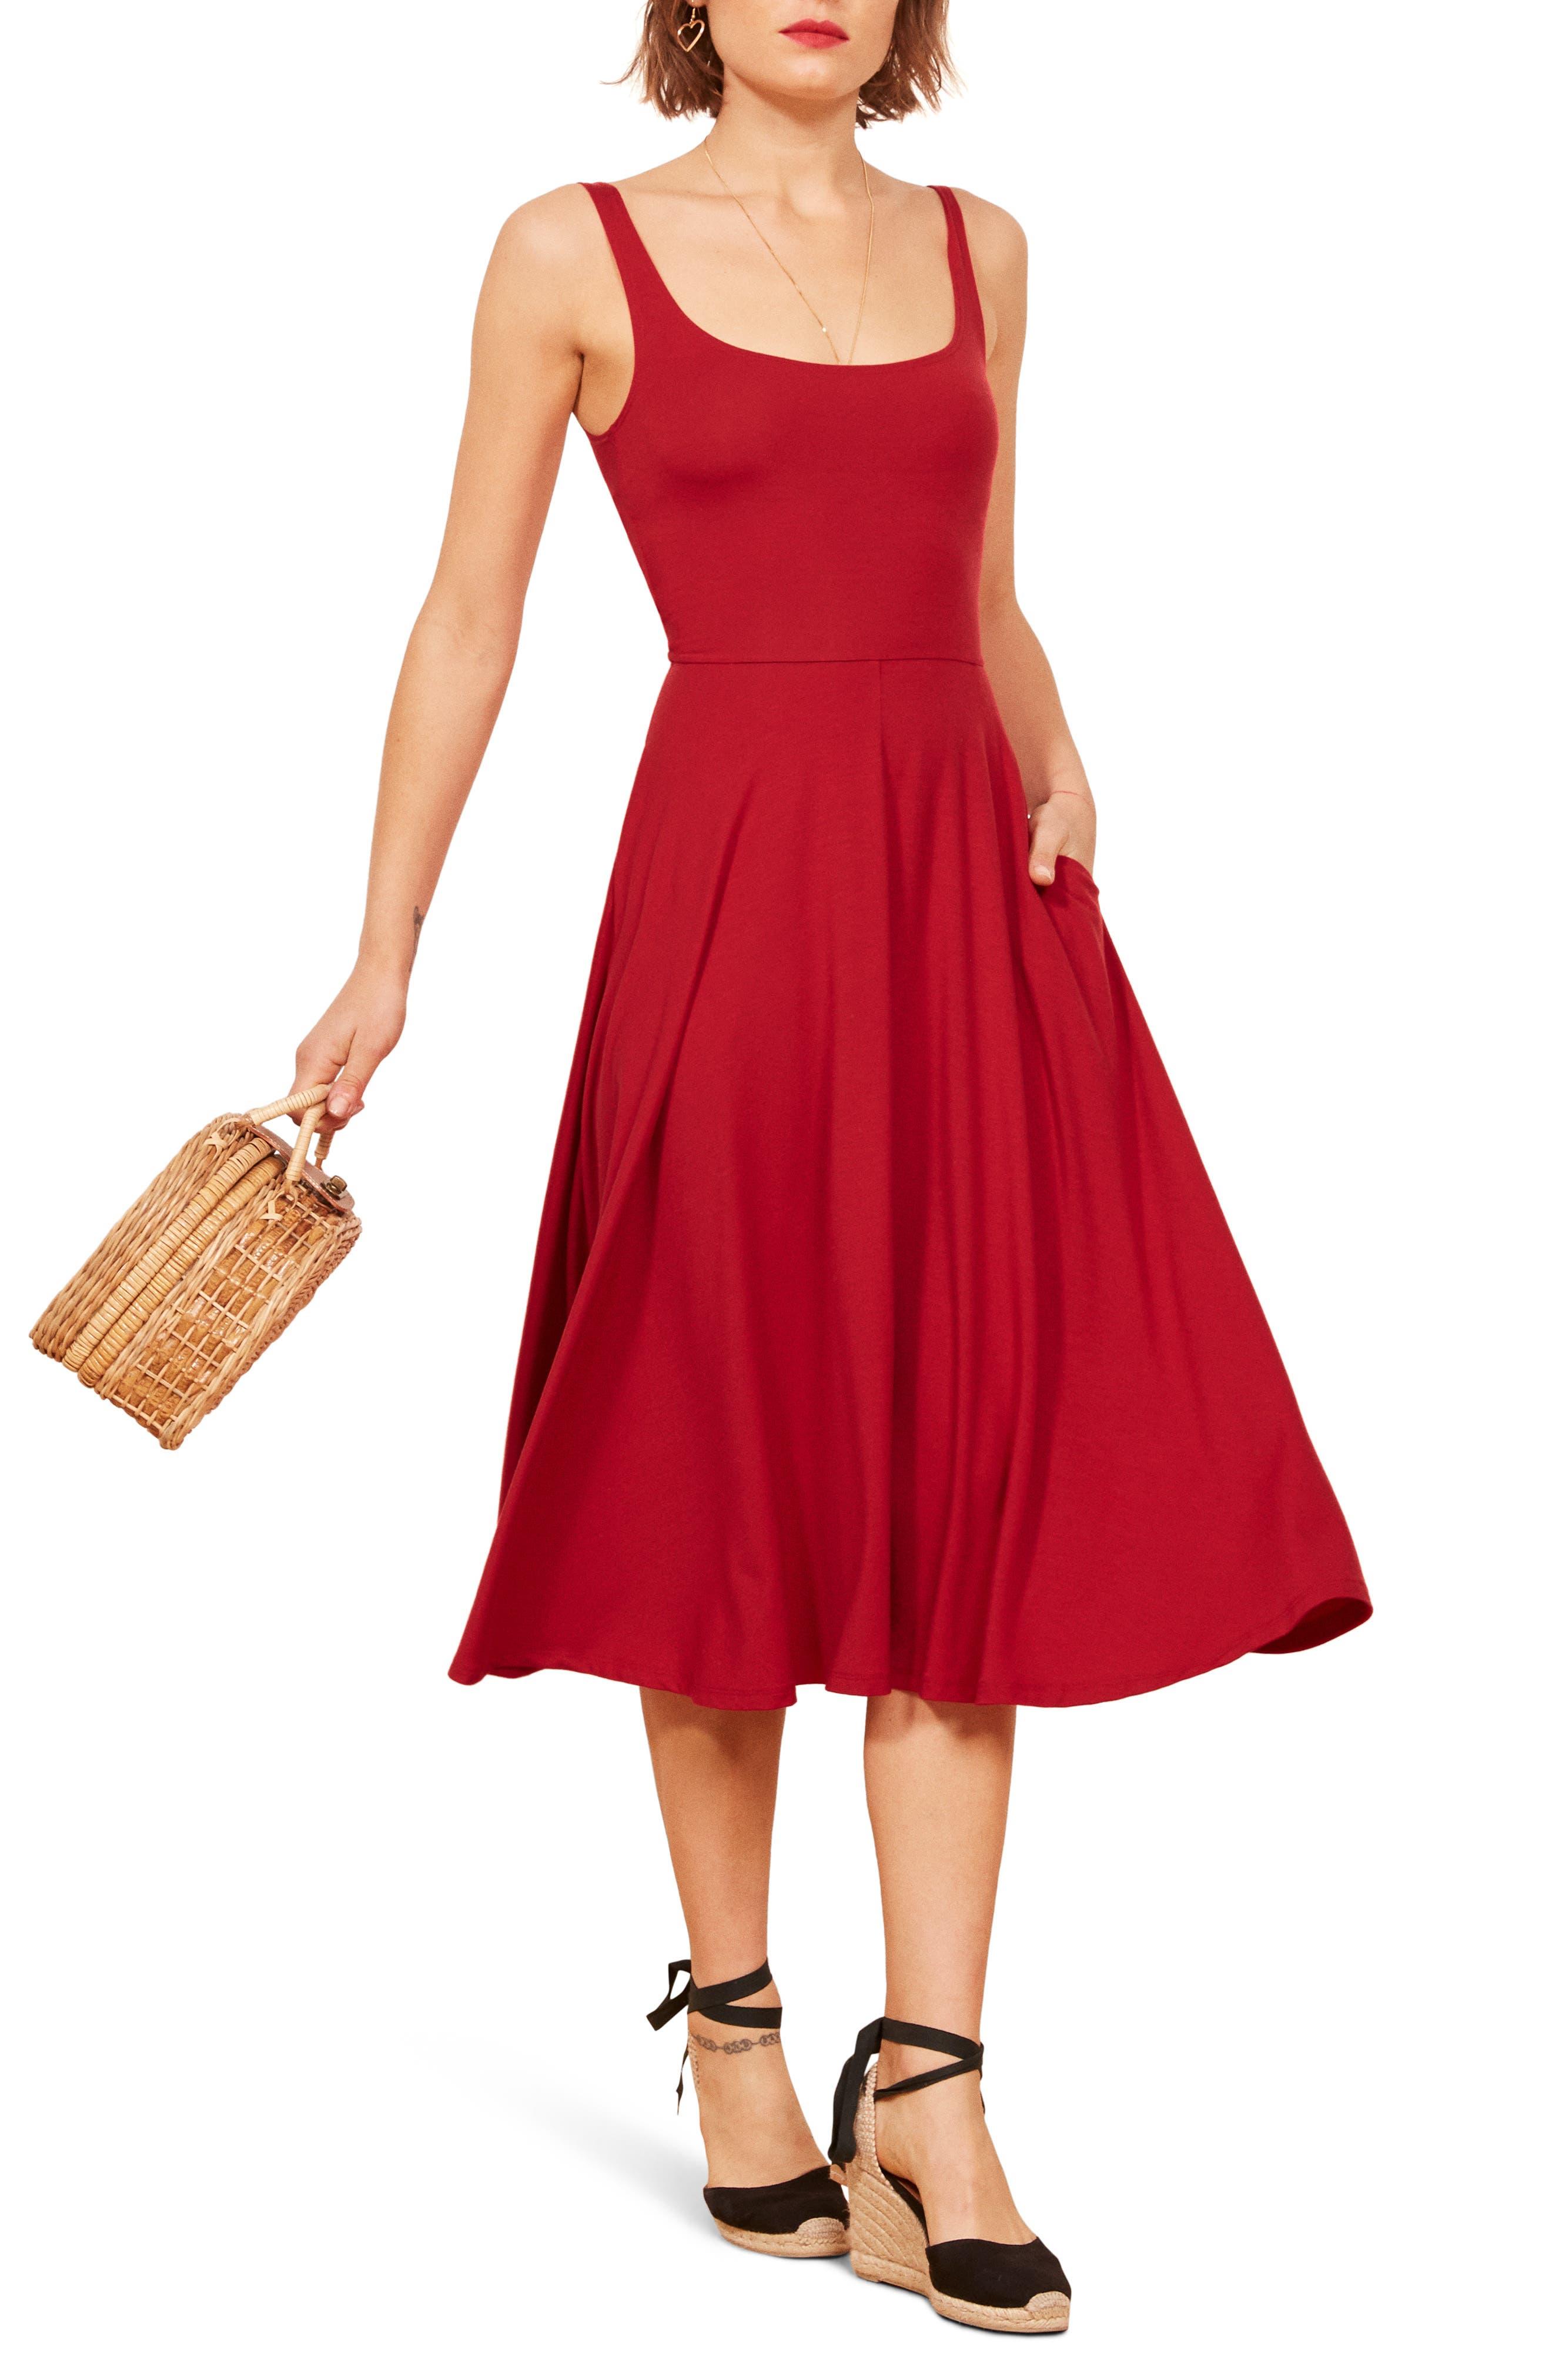 6d57a233f2d Women s REFORMATION Dresses